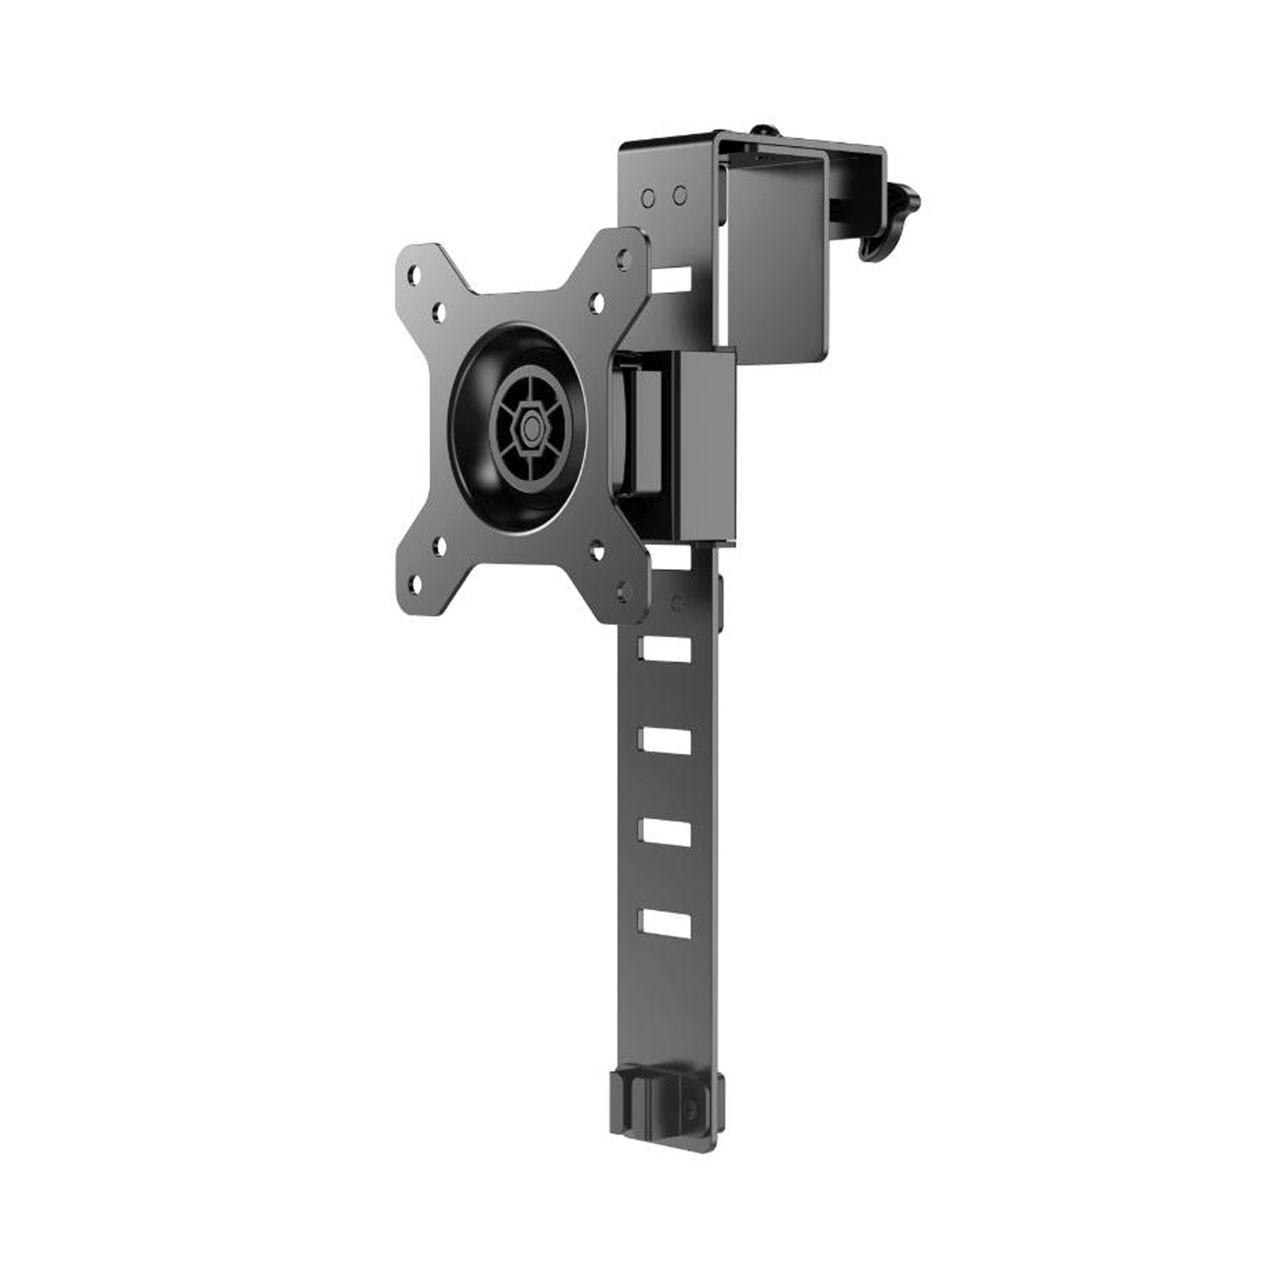 خرید اینترنتی پایه دیواری مدل VM-SW20 مناسب برای مانیتورهای 14 تا 27 اینچ اورجینال